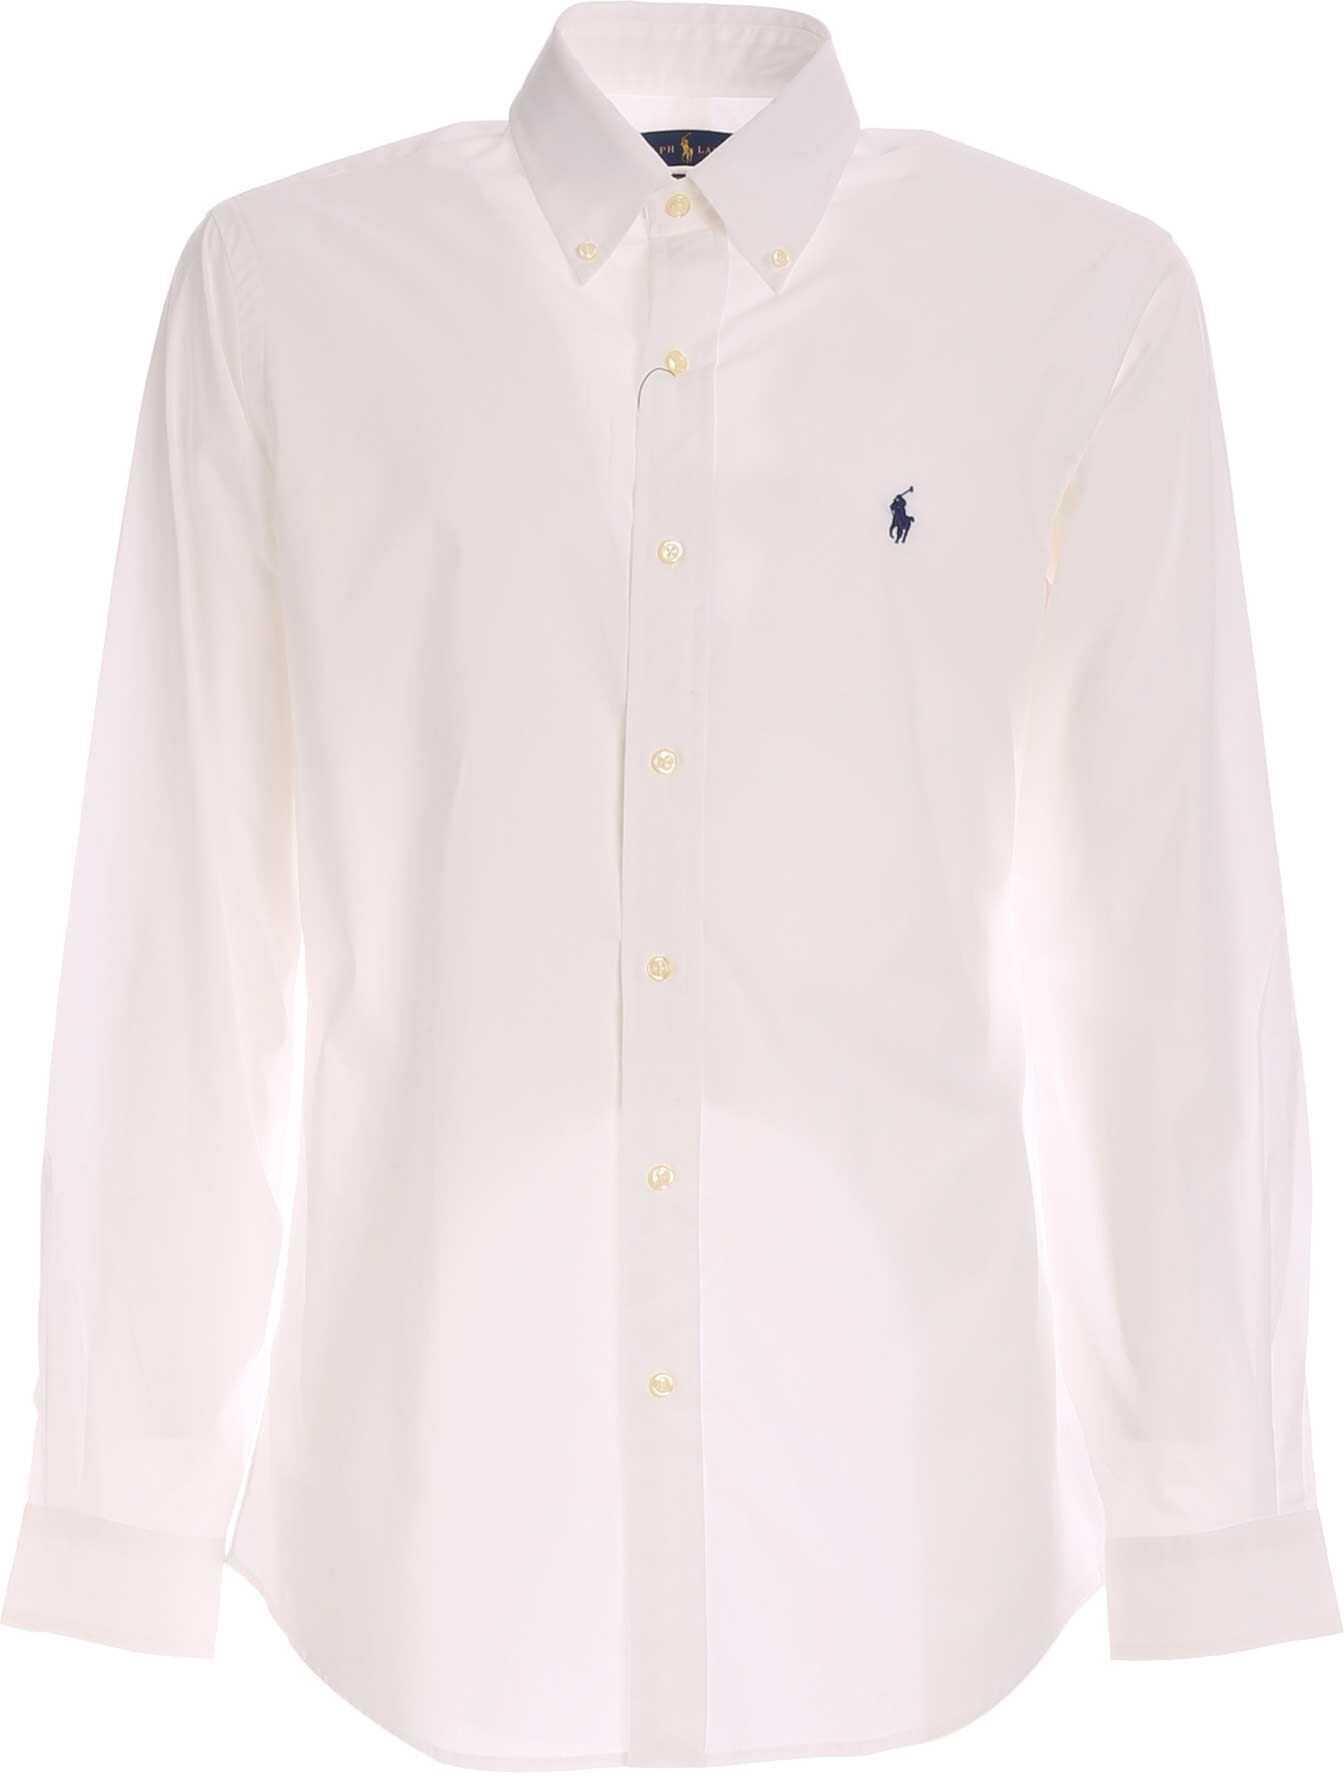 Ralph Lauren Classic Shirt In White White imagine